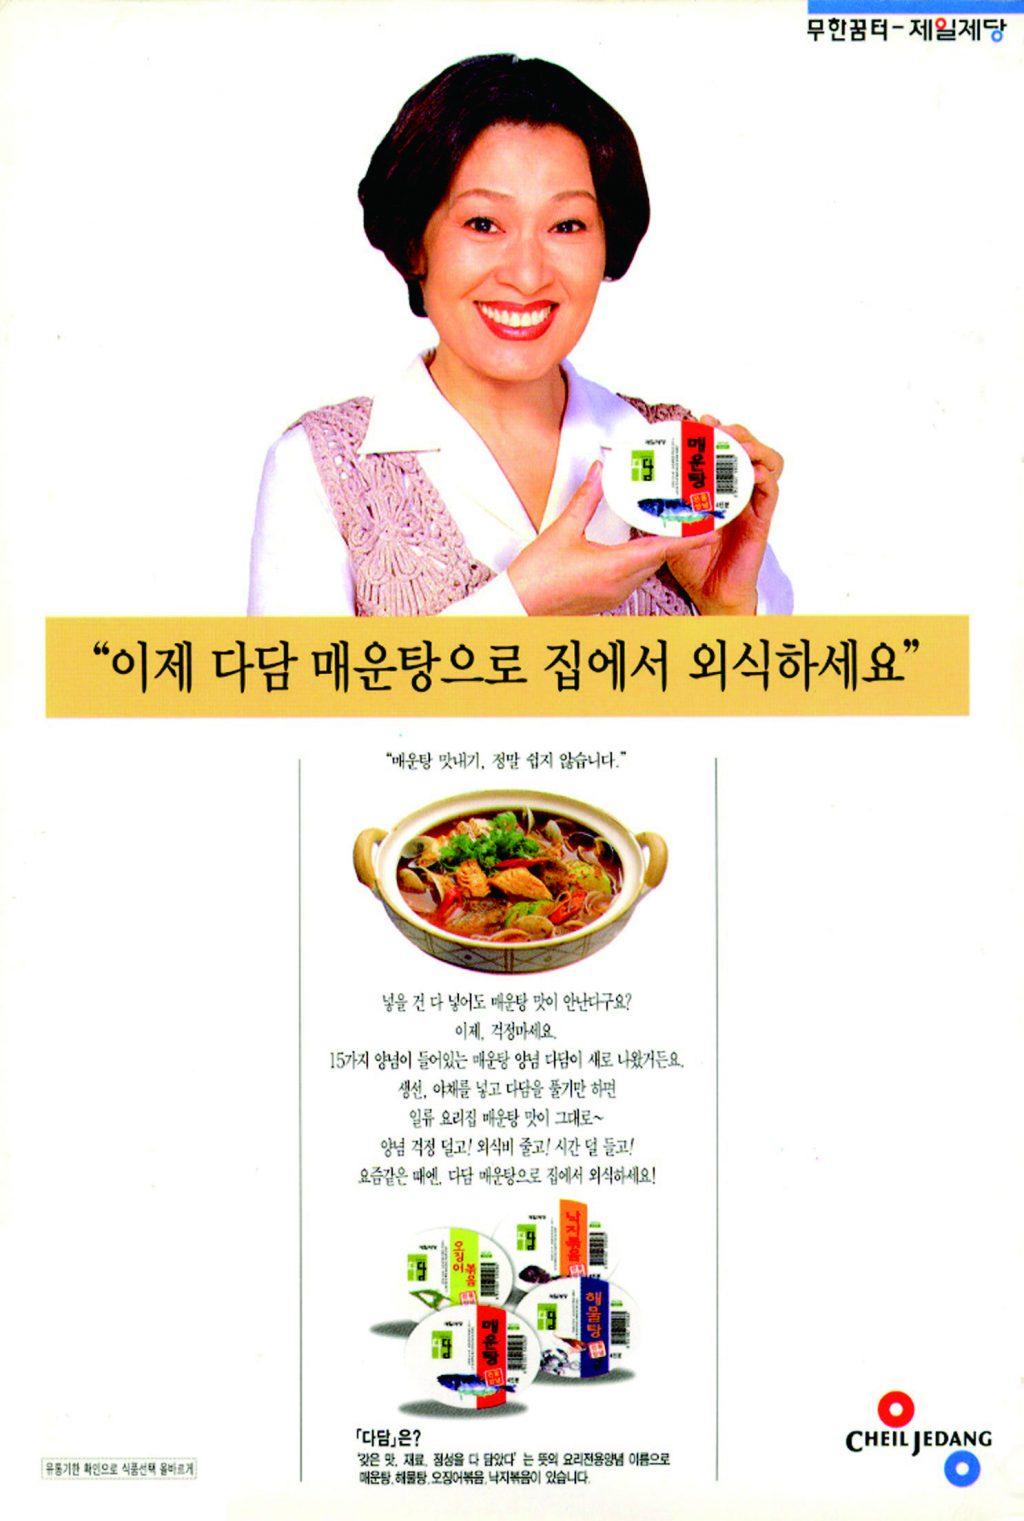 1998년 가정주부들이 손쉽게 요리할 수 있도록 출시한 요리 양념 다담